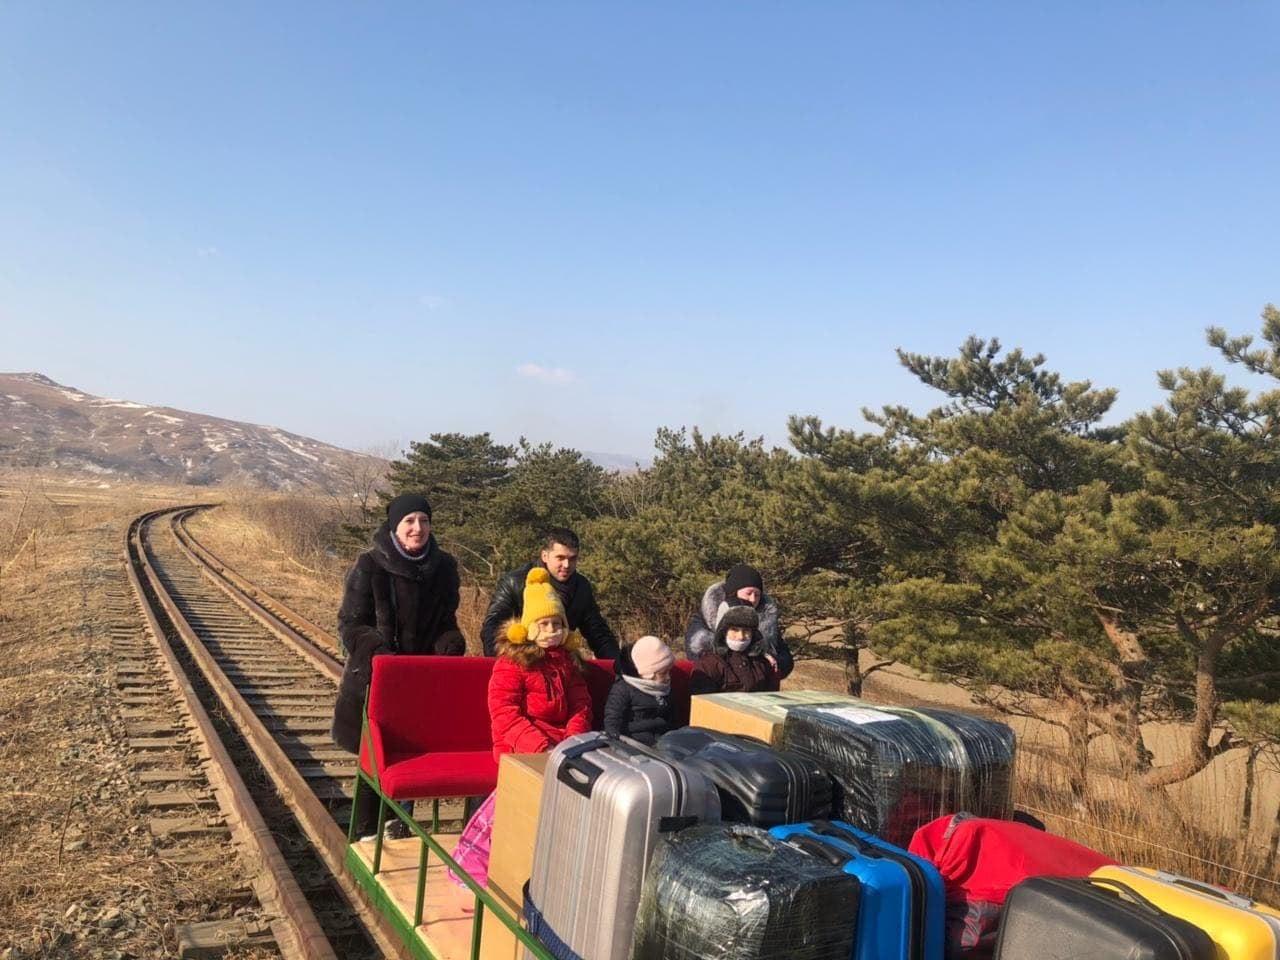 Покинувшие КНДР на дрезине российские дипломаты вылетели в Москву